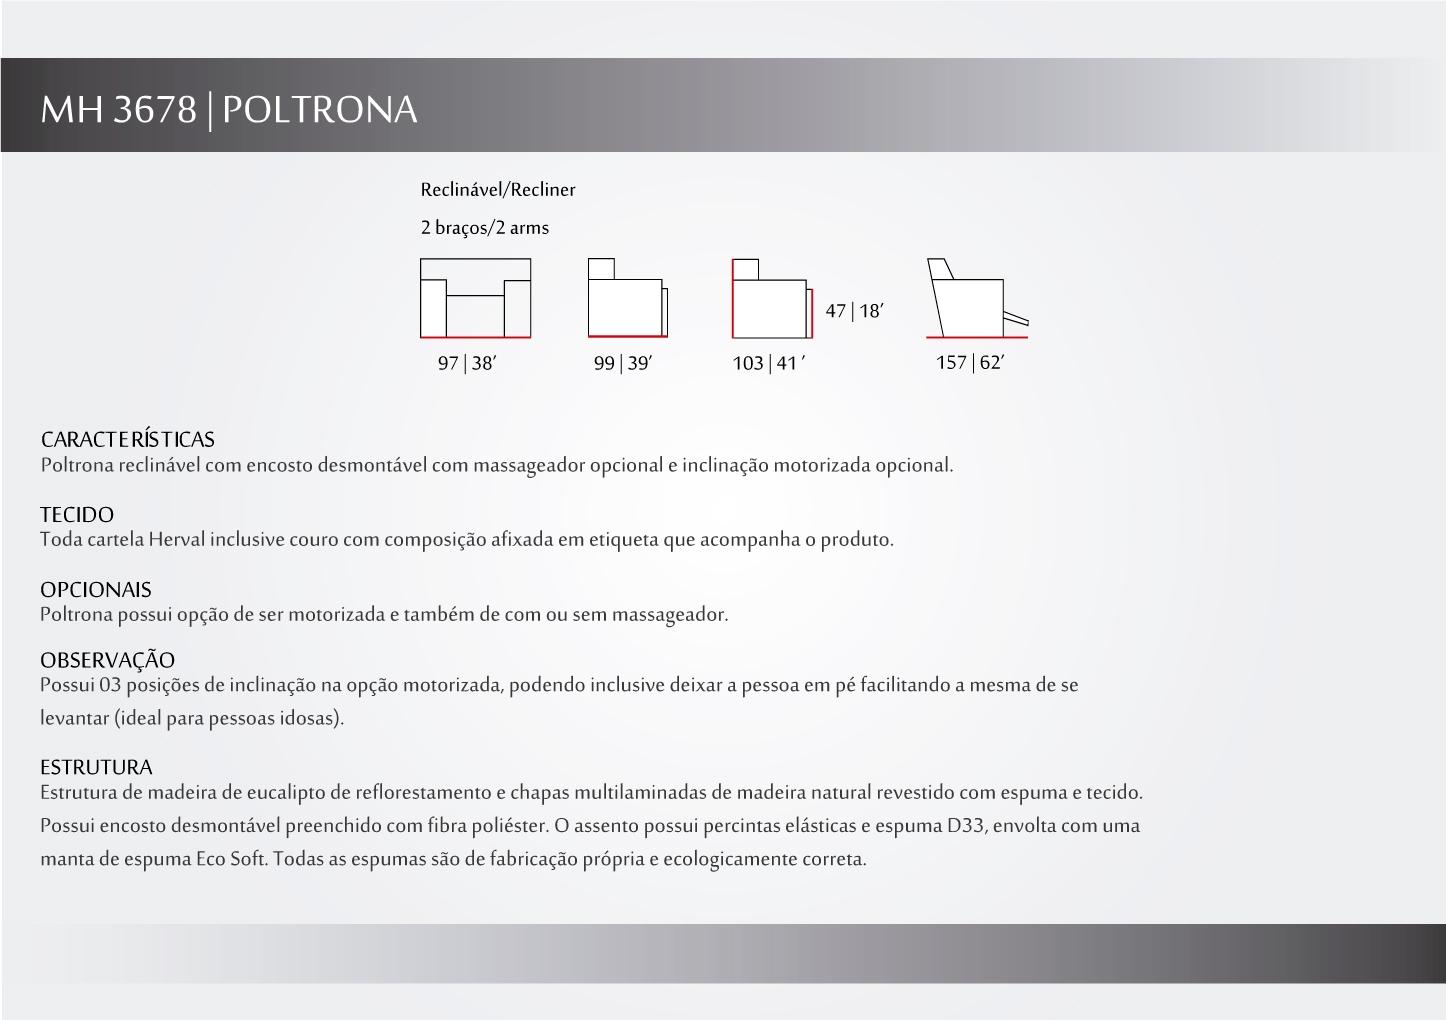 poltrona reclinavel mh3678